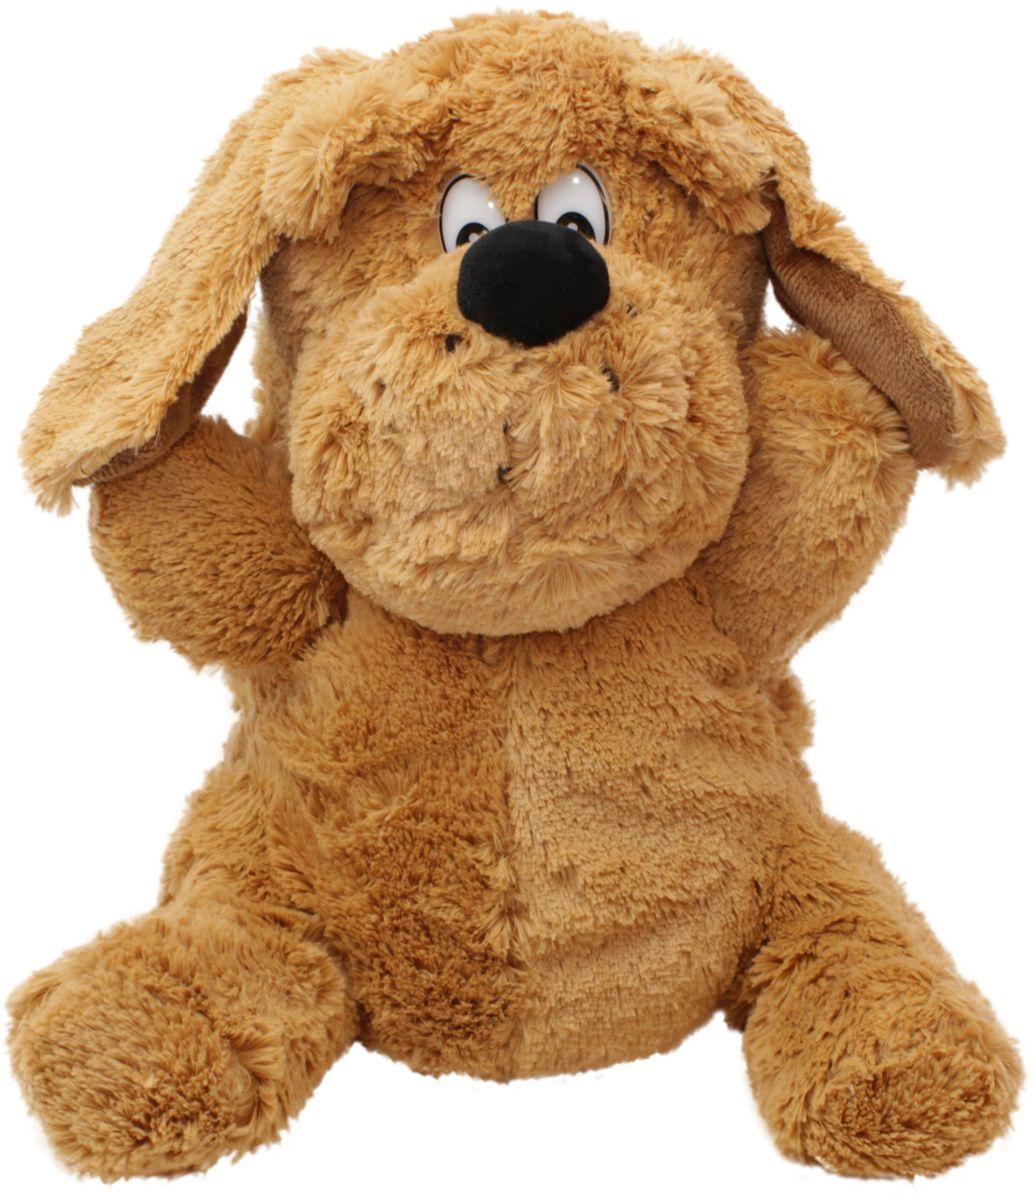 Феникс+ Рюкзак детский Щенок цвет коричневый72523WDРазмер: 32 x 20 x 14 см.Материал: мягкий полиэстер.Внутренняя подкладка.